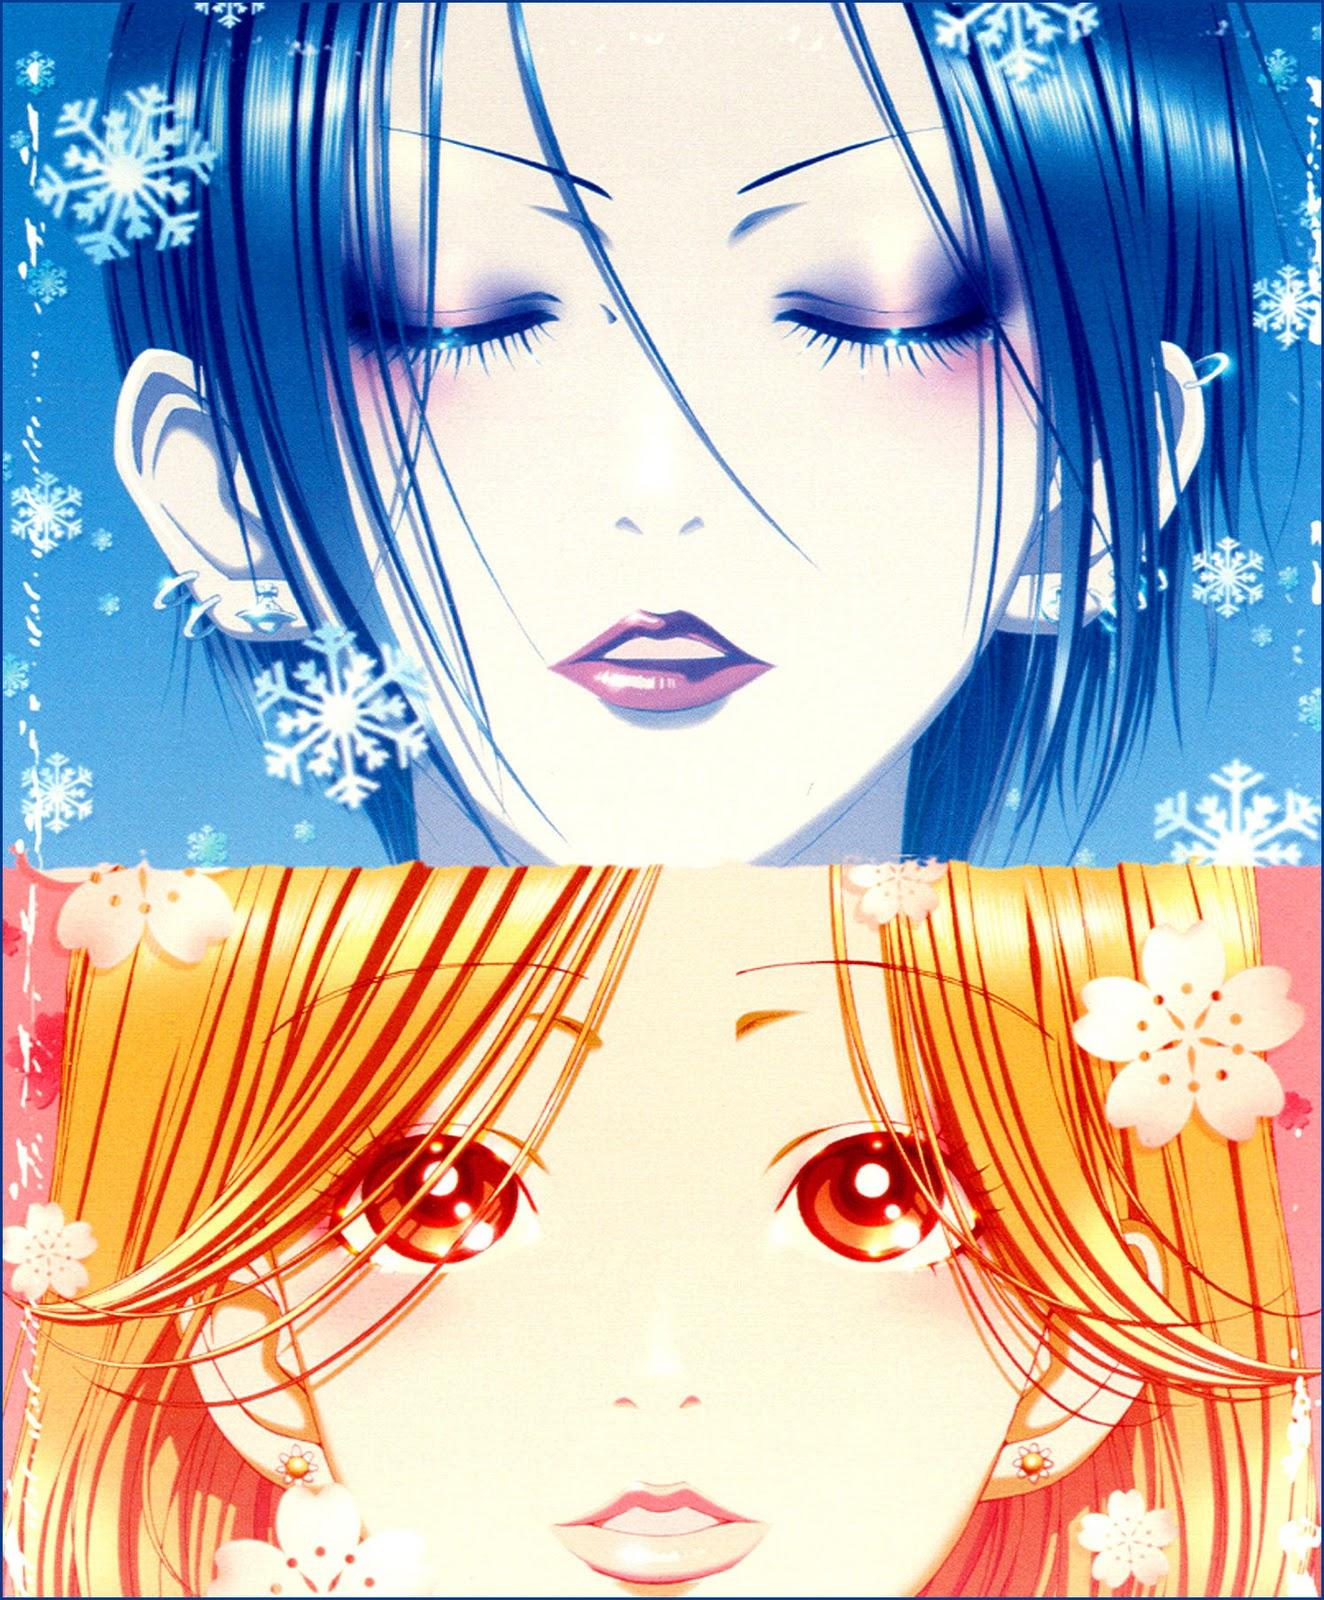 Anime, Manga And Wallpapers